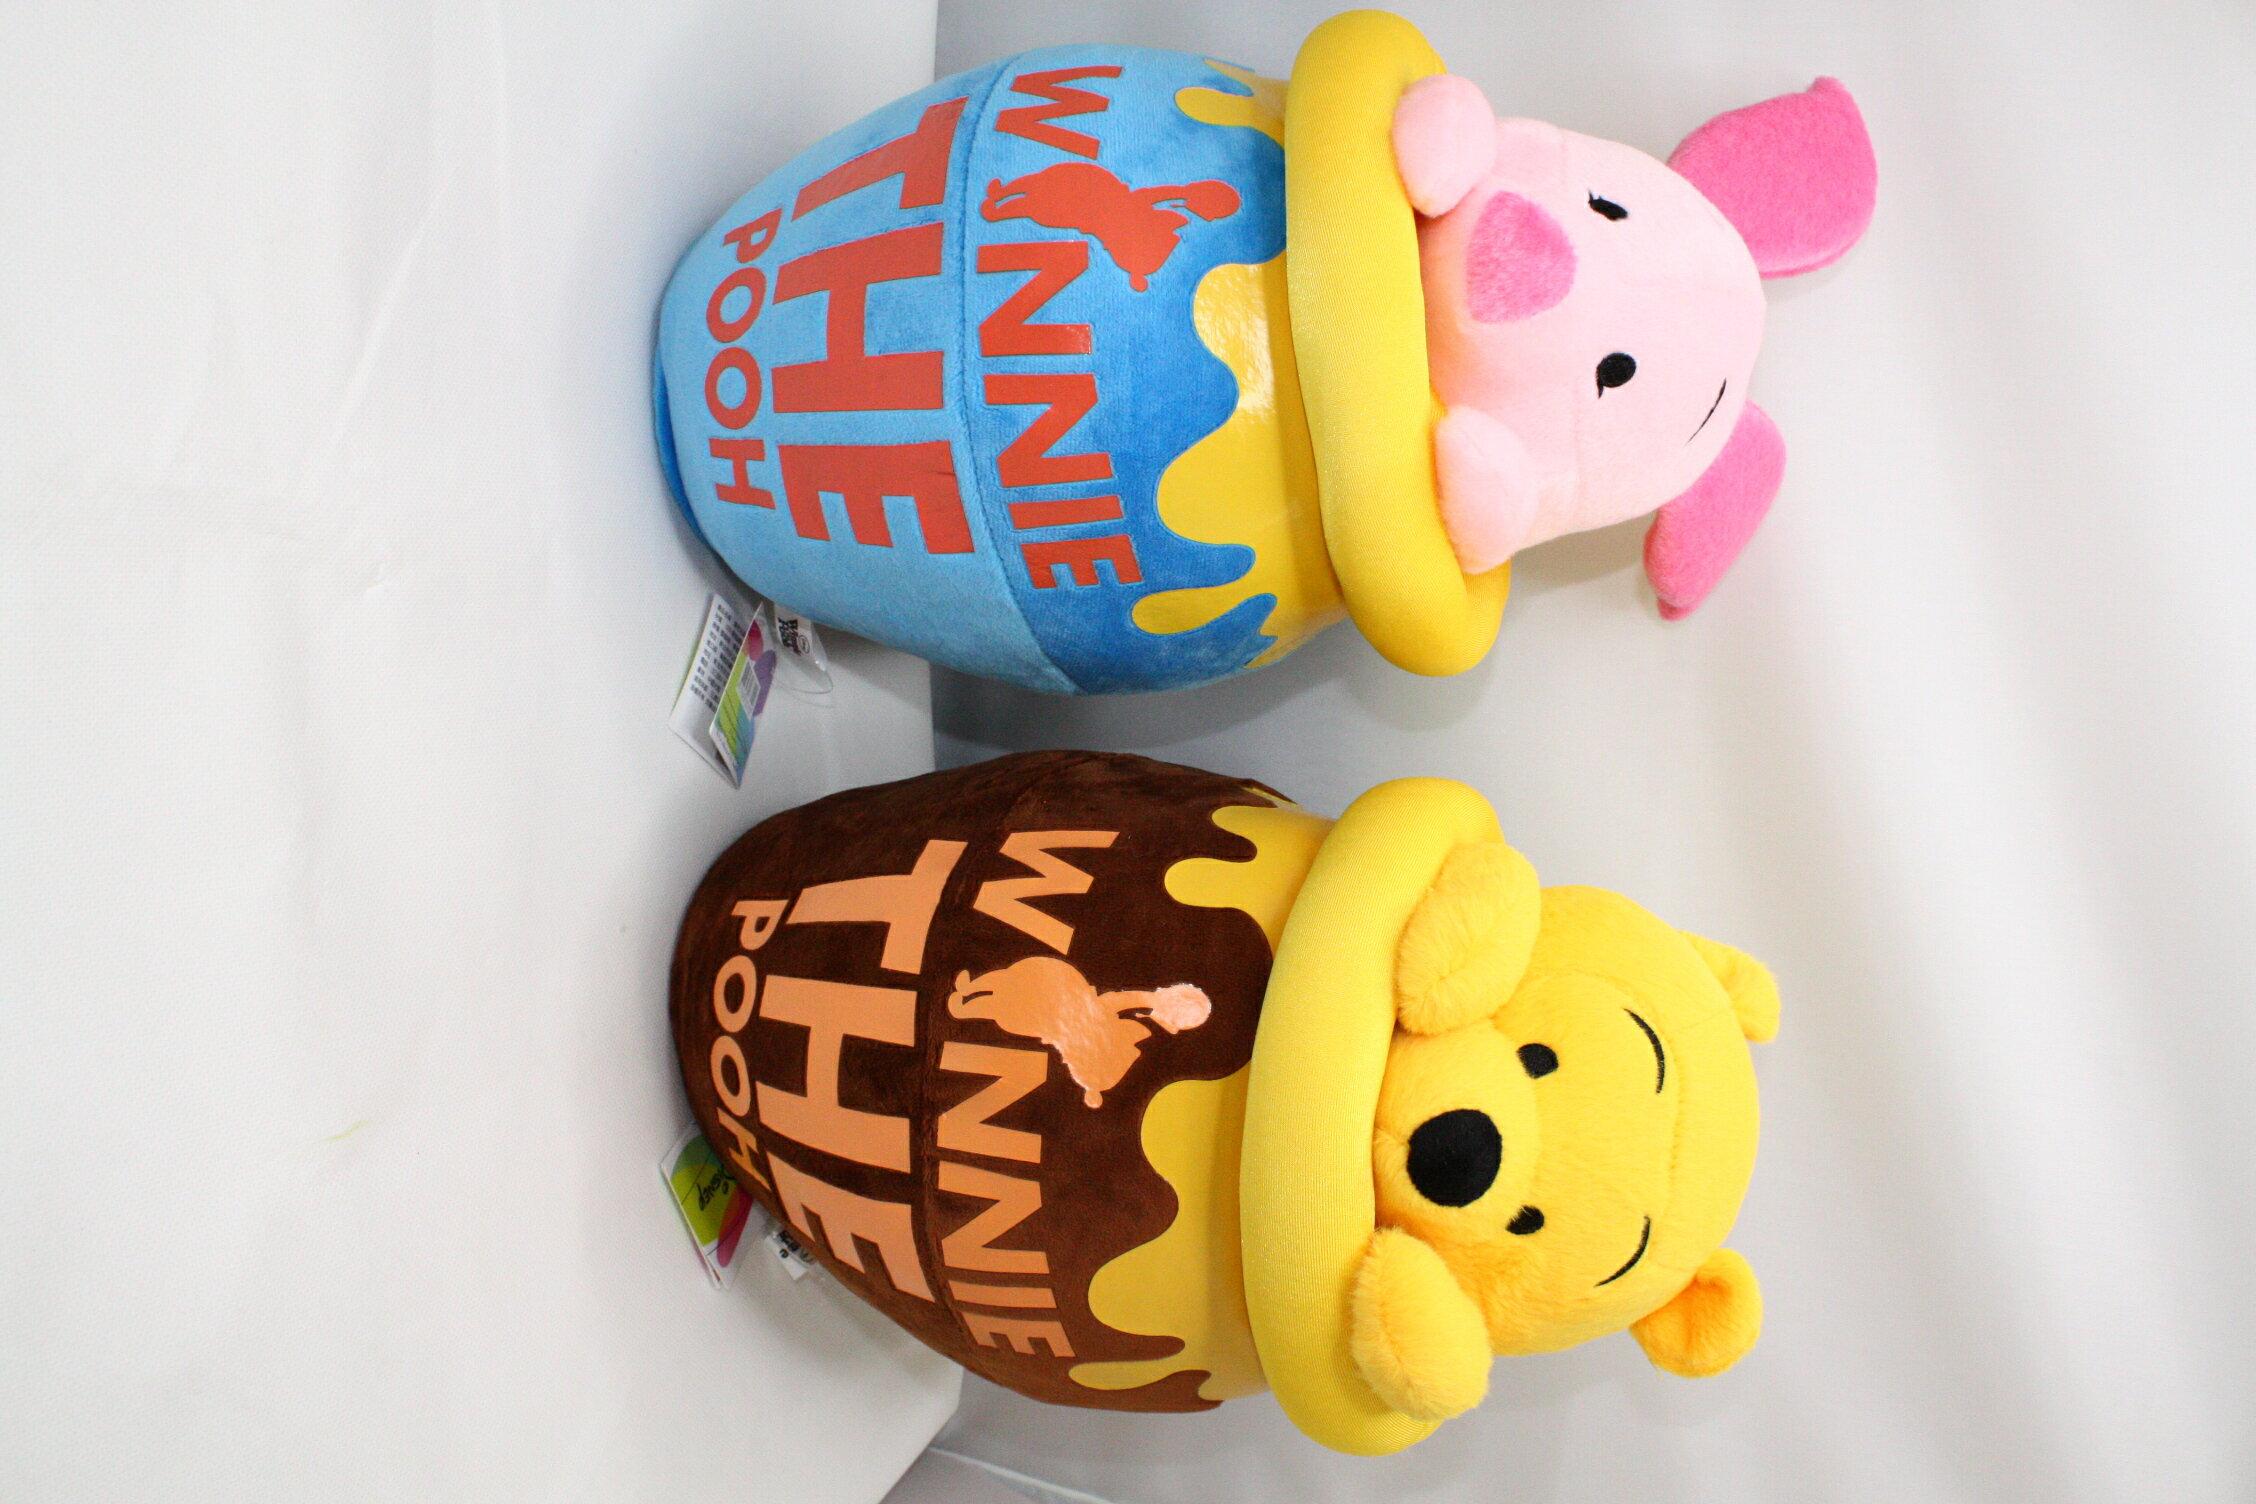 大賀屋 維尼 罐頭 抱枕 娃娃 玩偶 玩具 蜂蜜罐 迪士尼 小熊維尼 維尼熊 POOH disney 正版 授權 T00120245